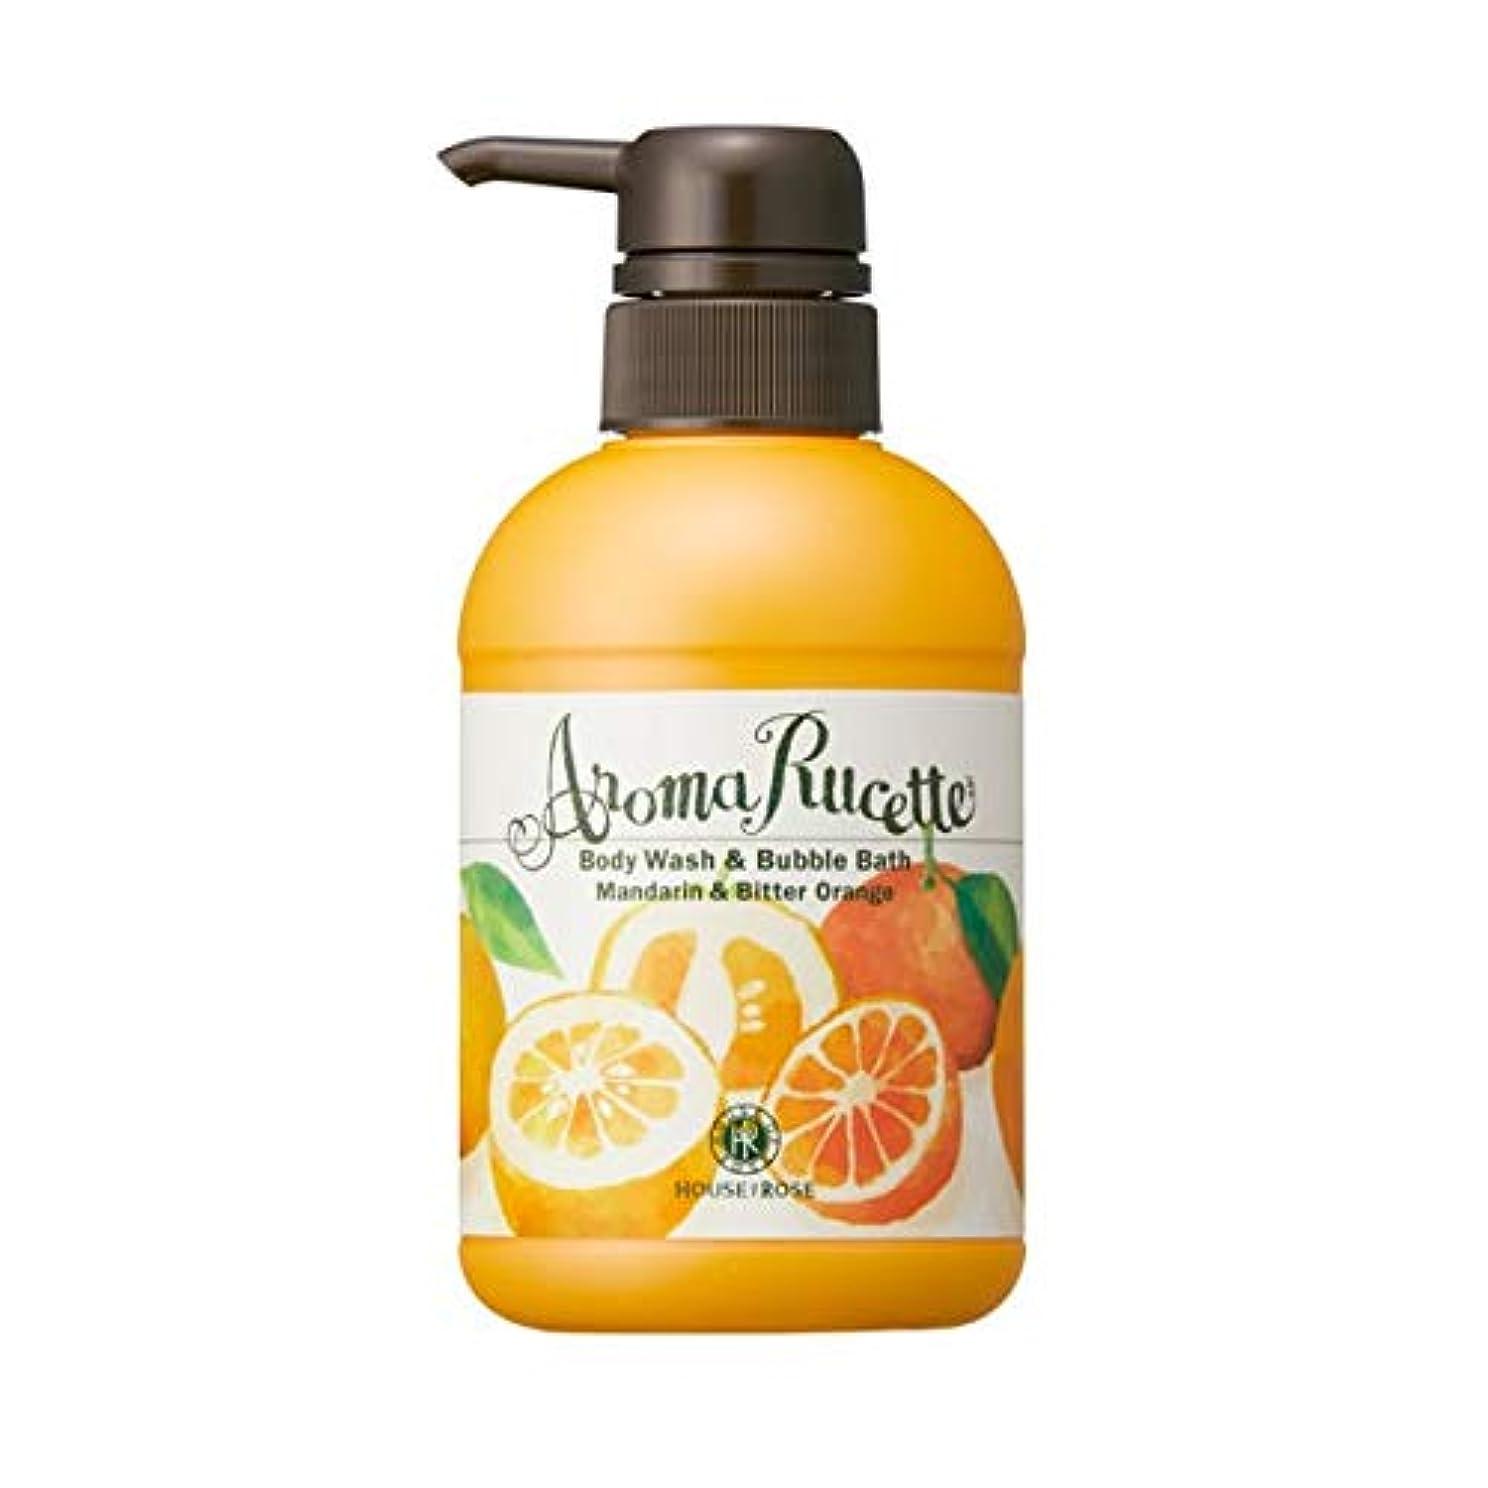 西祝うファーザーファージュHOUSE OF ROSE(ハウスオブローゼ) ハウスオブローゼ/アロマルセット ボディウォッシュ&バブルバス MD&BO(マンダリン&ビターオレンジの香り)350mL